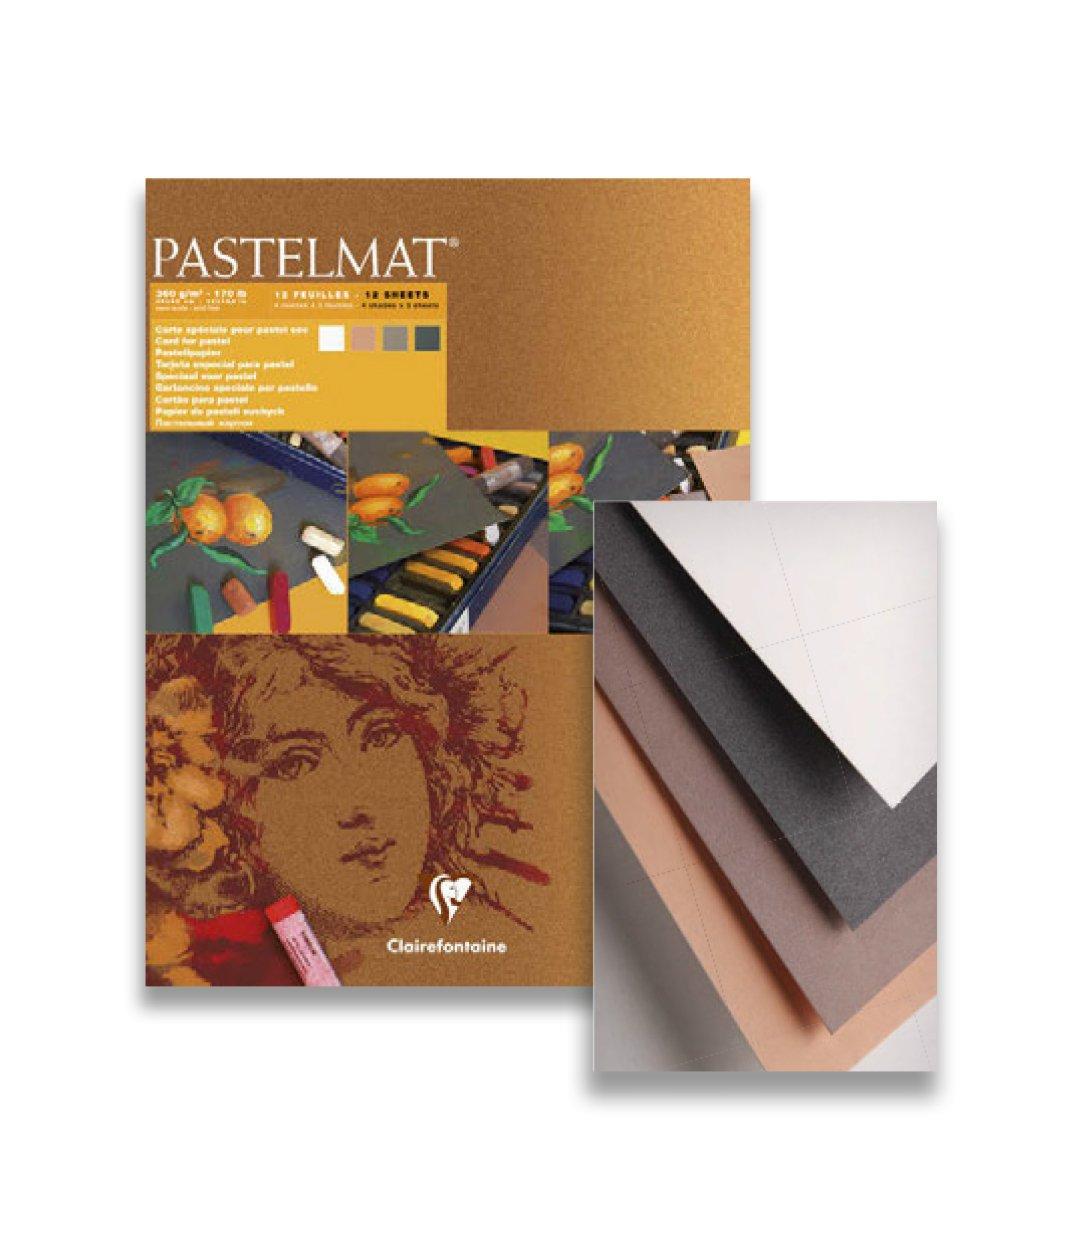 Pastelmat 12 Sheet Pad - White, Anthracite, Sienna, Brown Sheets - 12''x16''